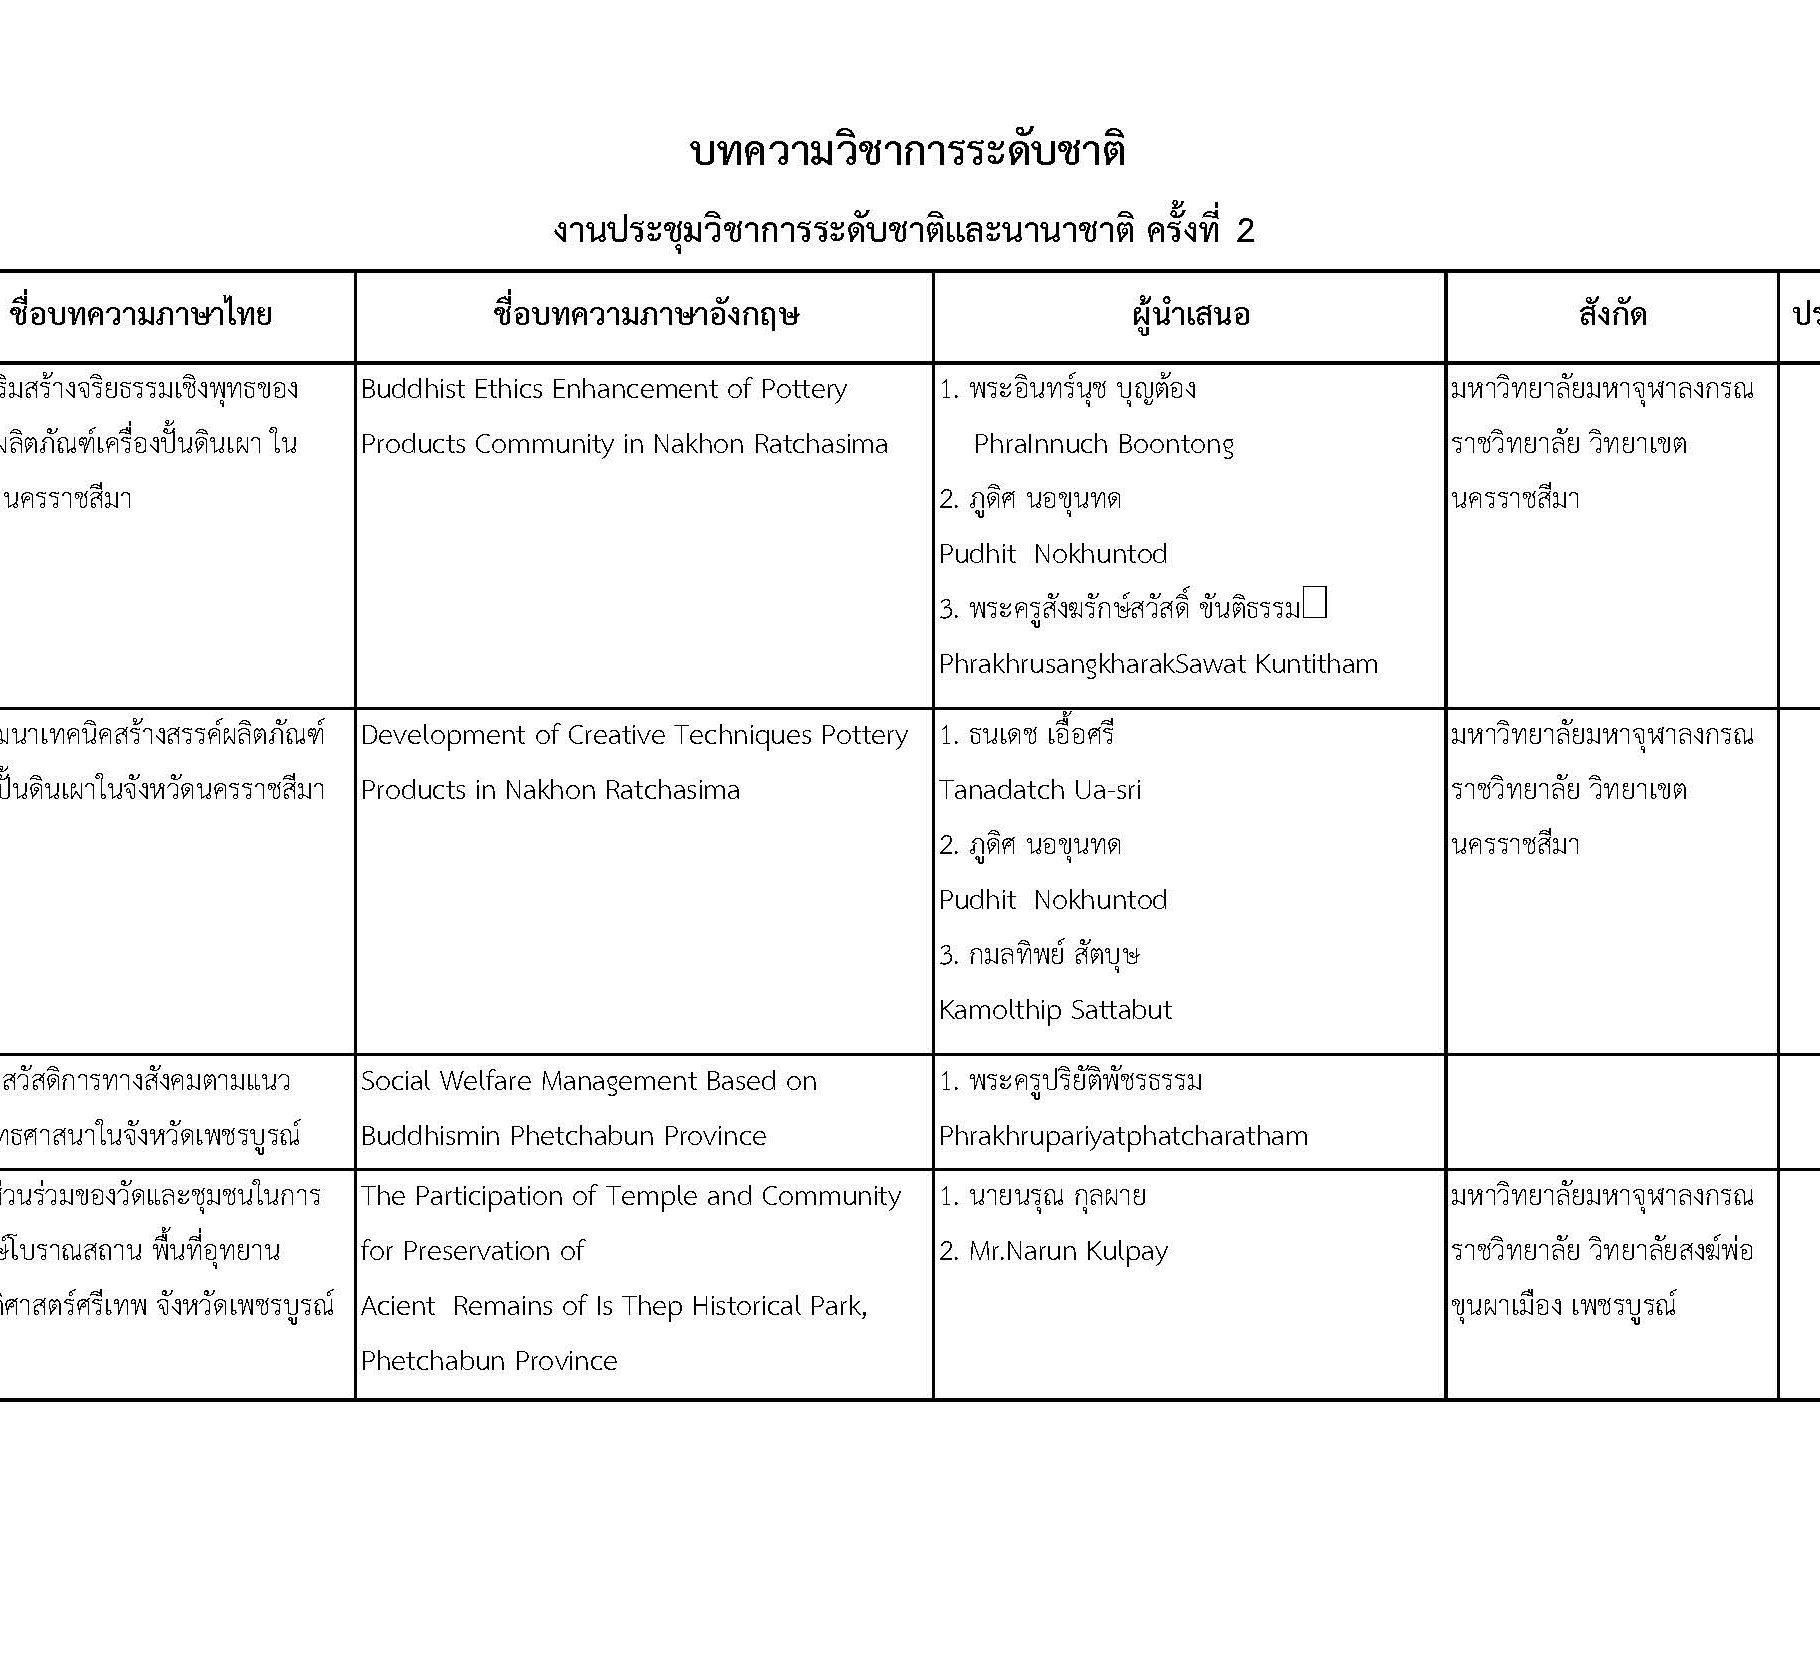 การประชุมวิชาการพระพุทธศาสนาและศิลปวัฒนธรรมระดับชาติและนานาชาติครั้งที่ ๒_Page_04